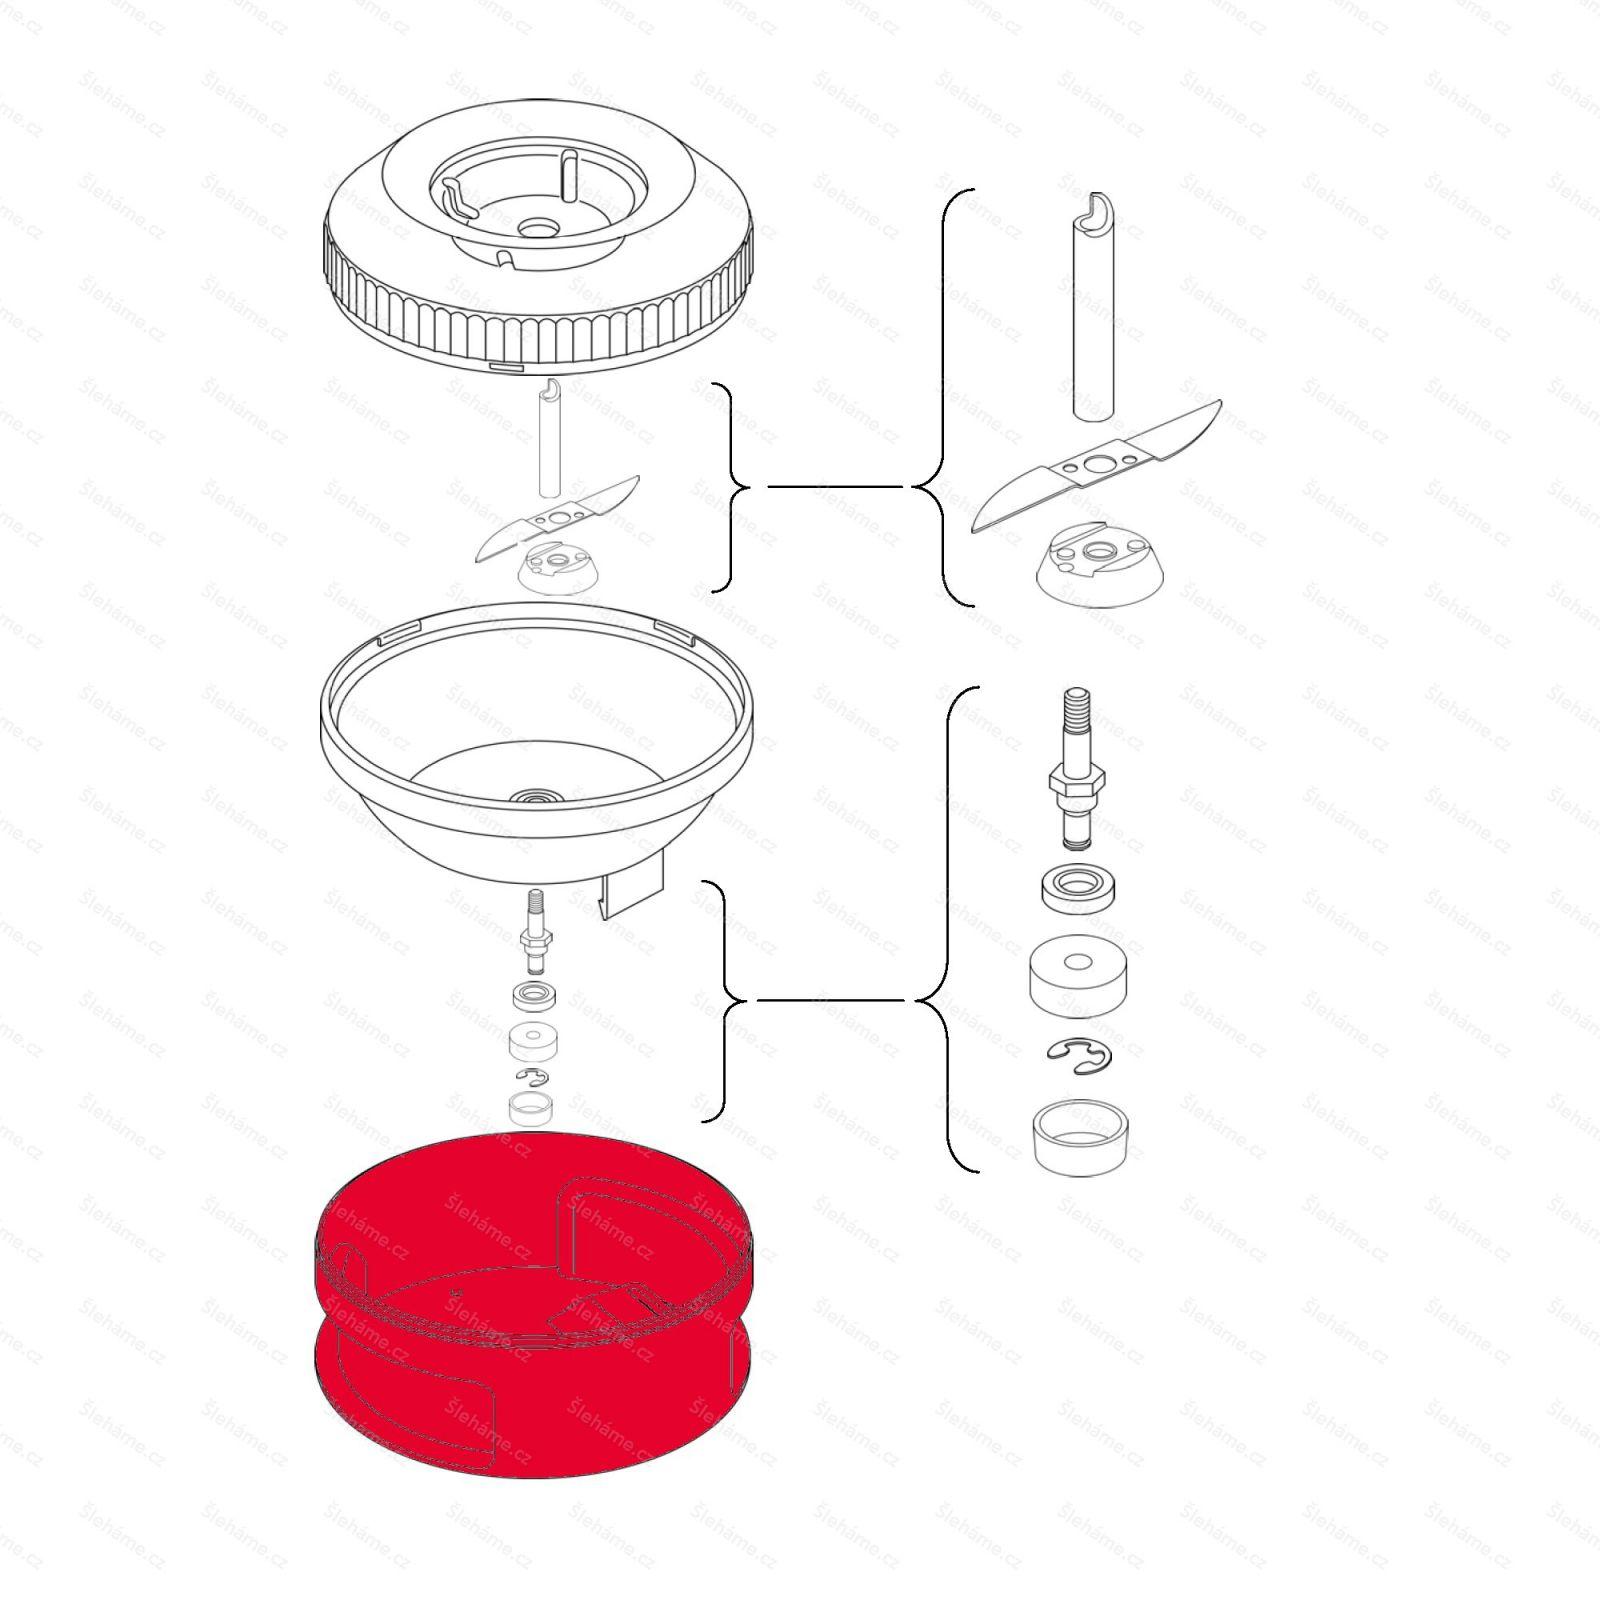 Plastový obal nádoby procesoru 200 ml Bamix, bílý